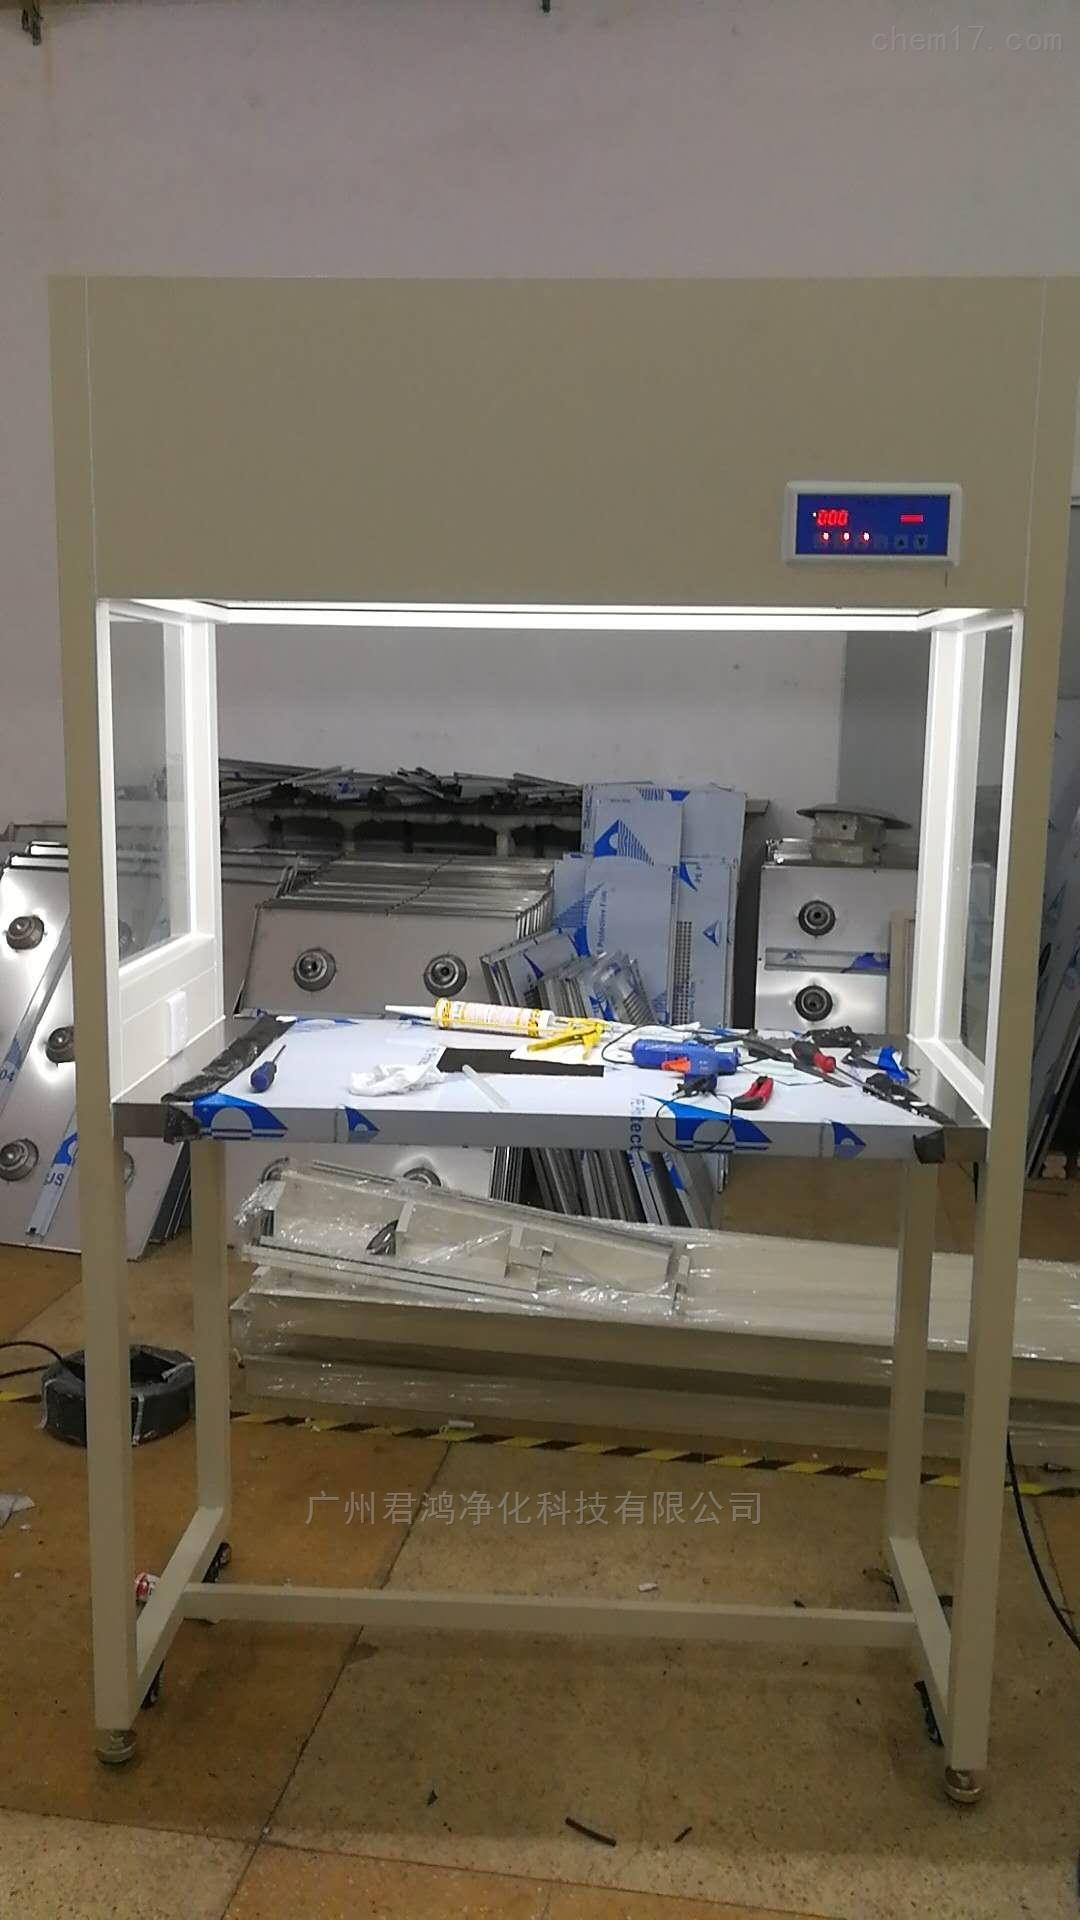 梅州市医院专用垂直流超净工作台